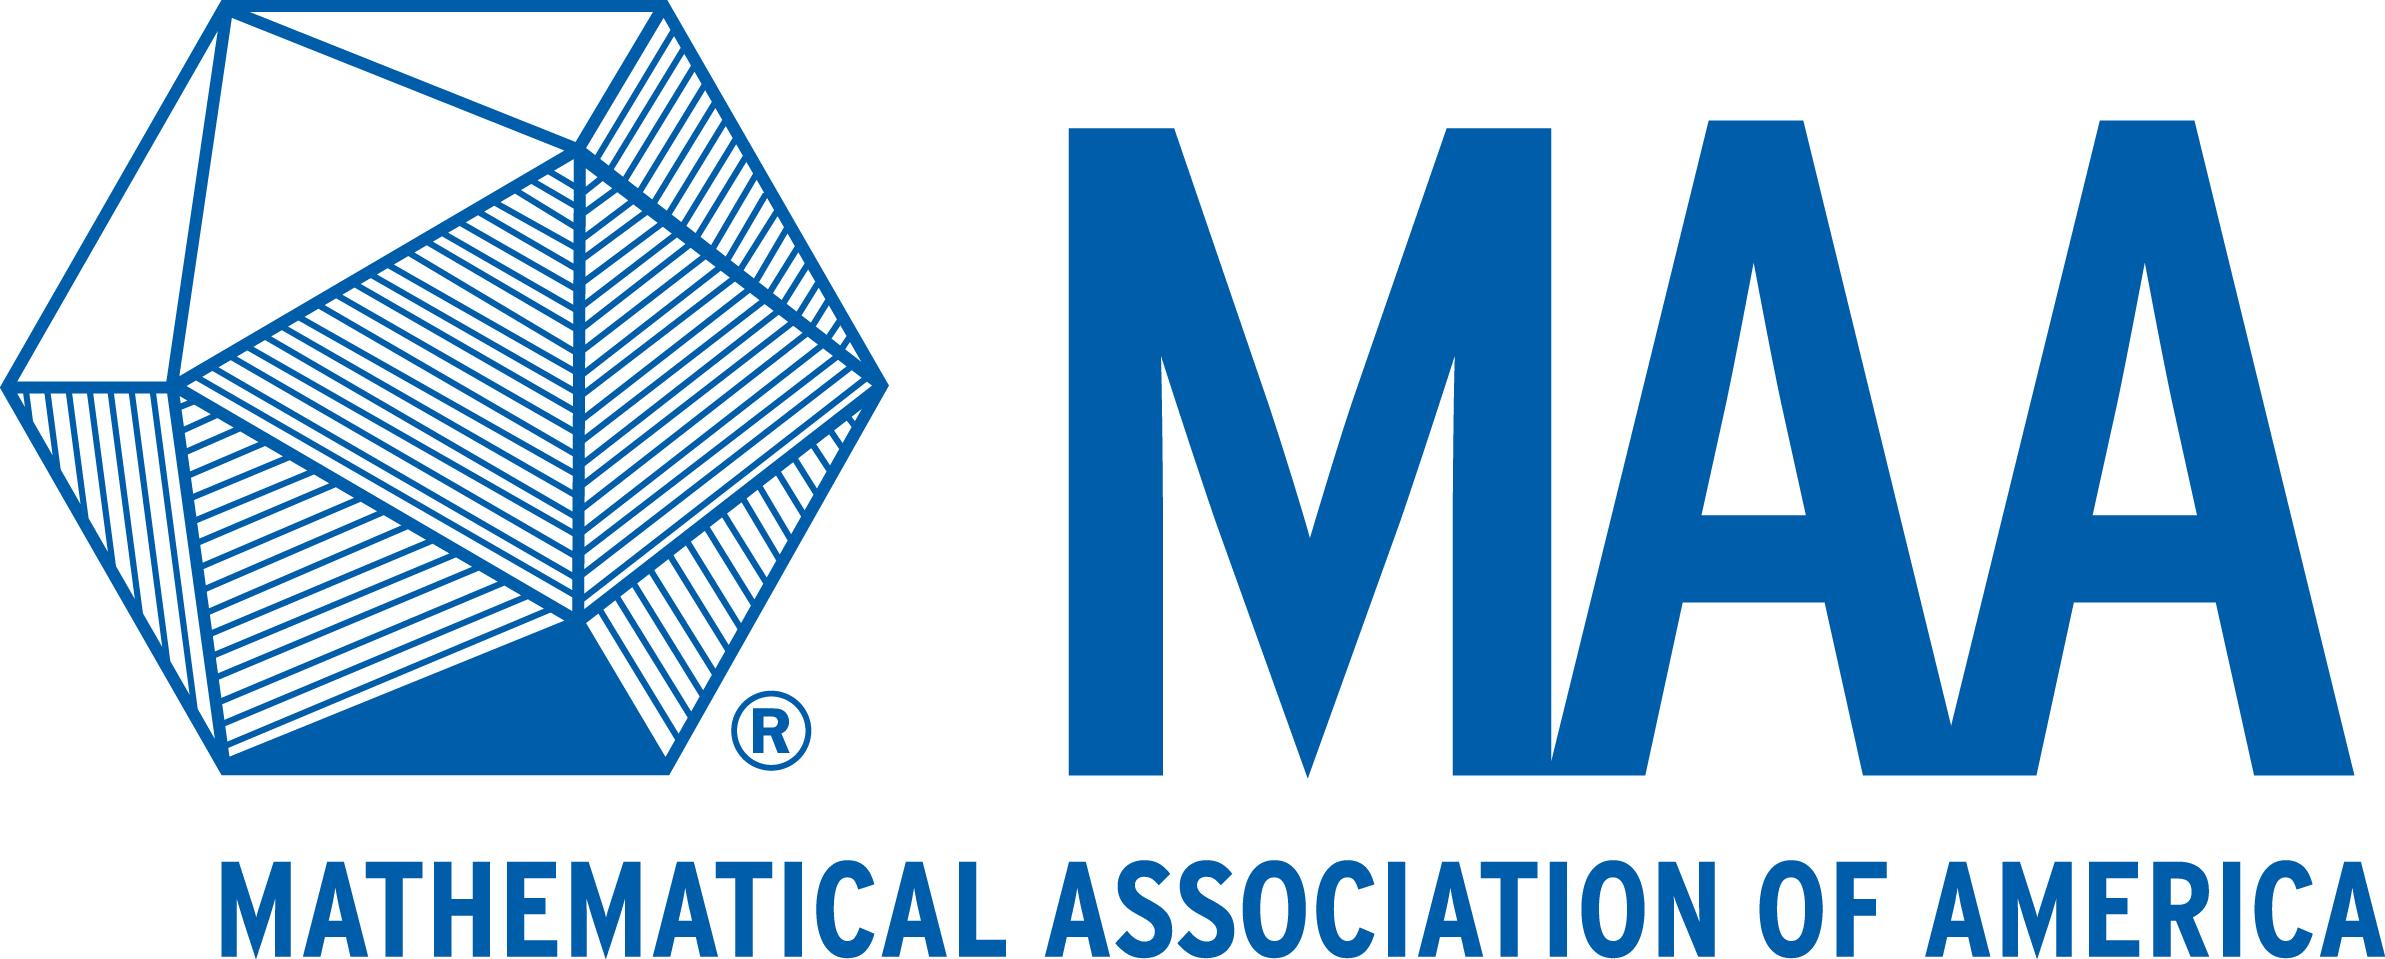 MAA_logo_full_PMS286_2385x959_nottransparent.png